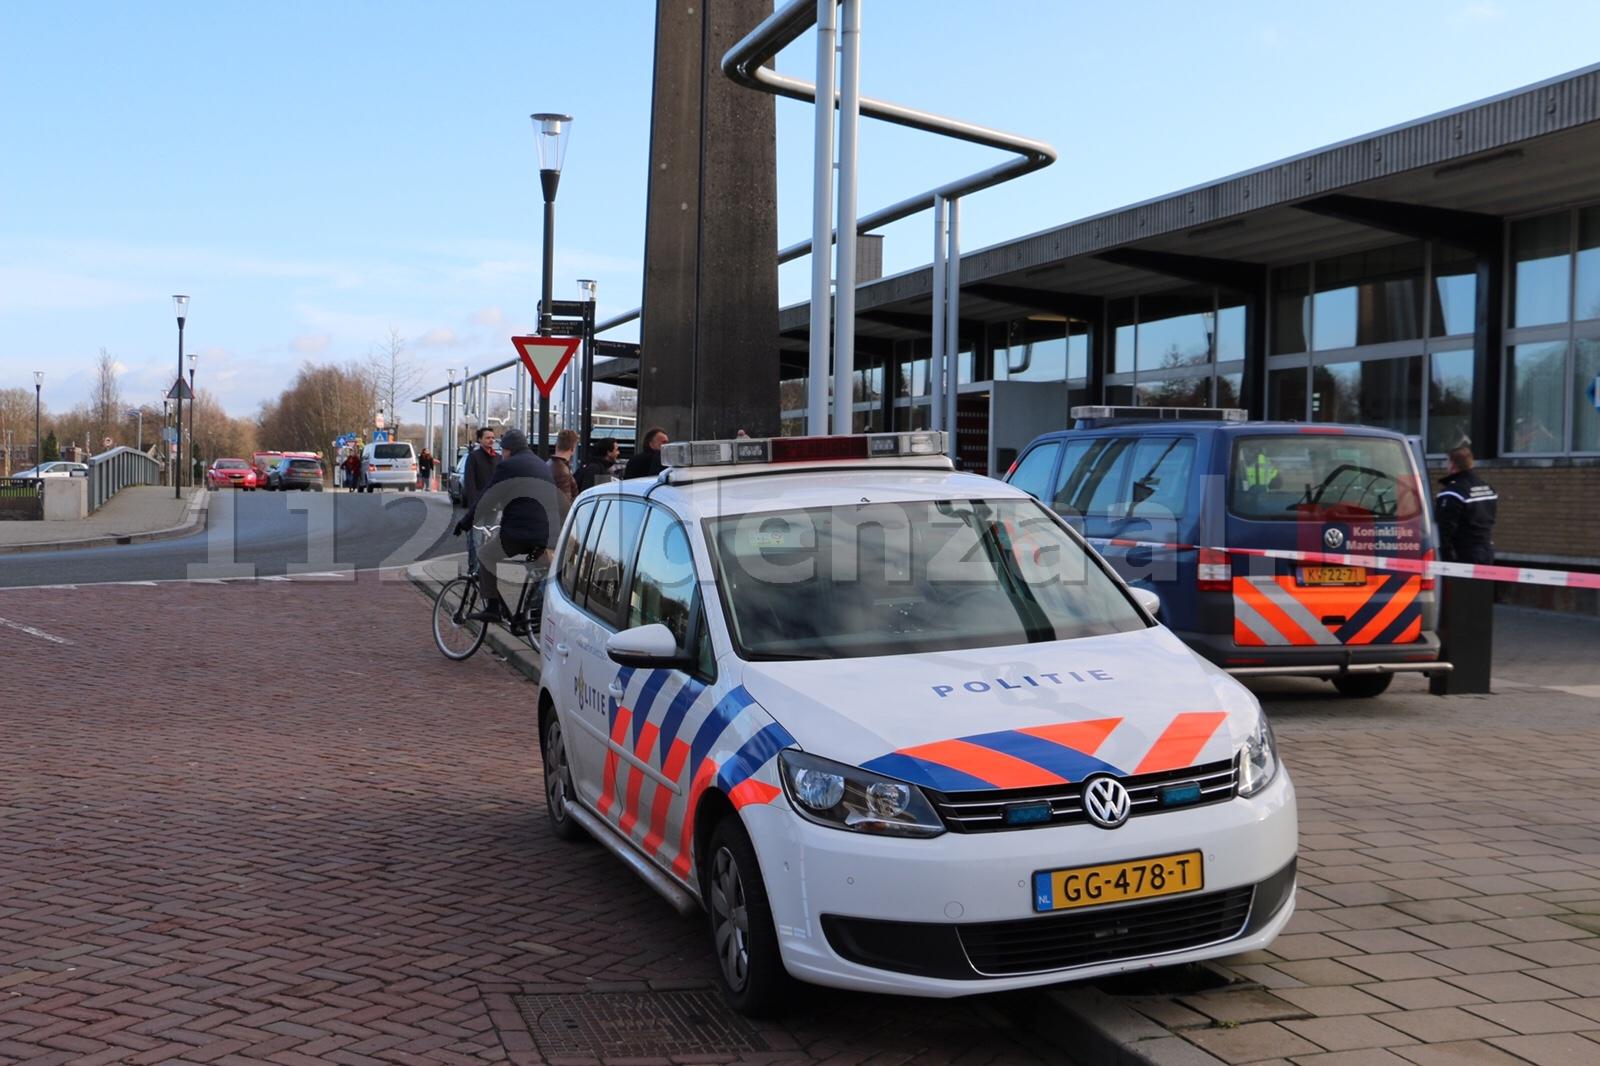 UPDATE: Gevonden brief leidt tot grote politieactie bij station in Oldenzaal